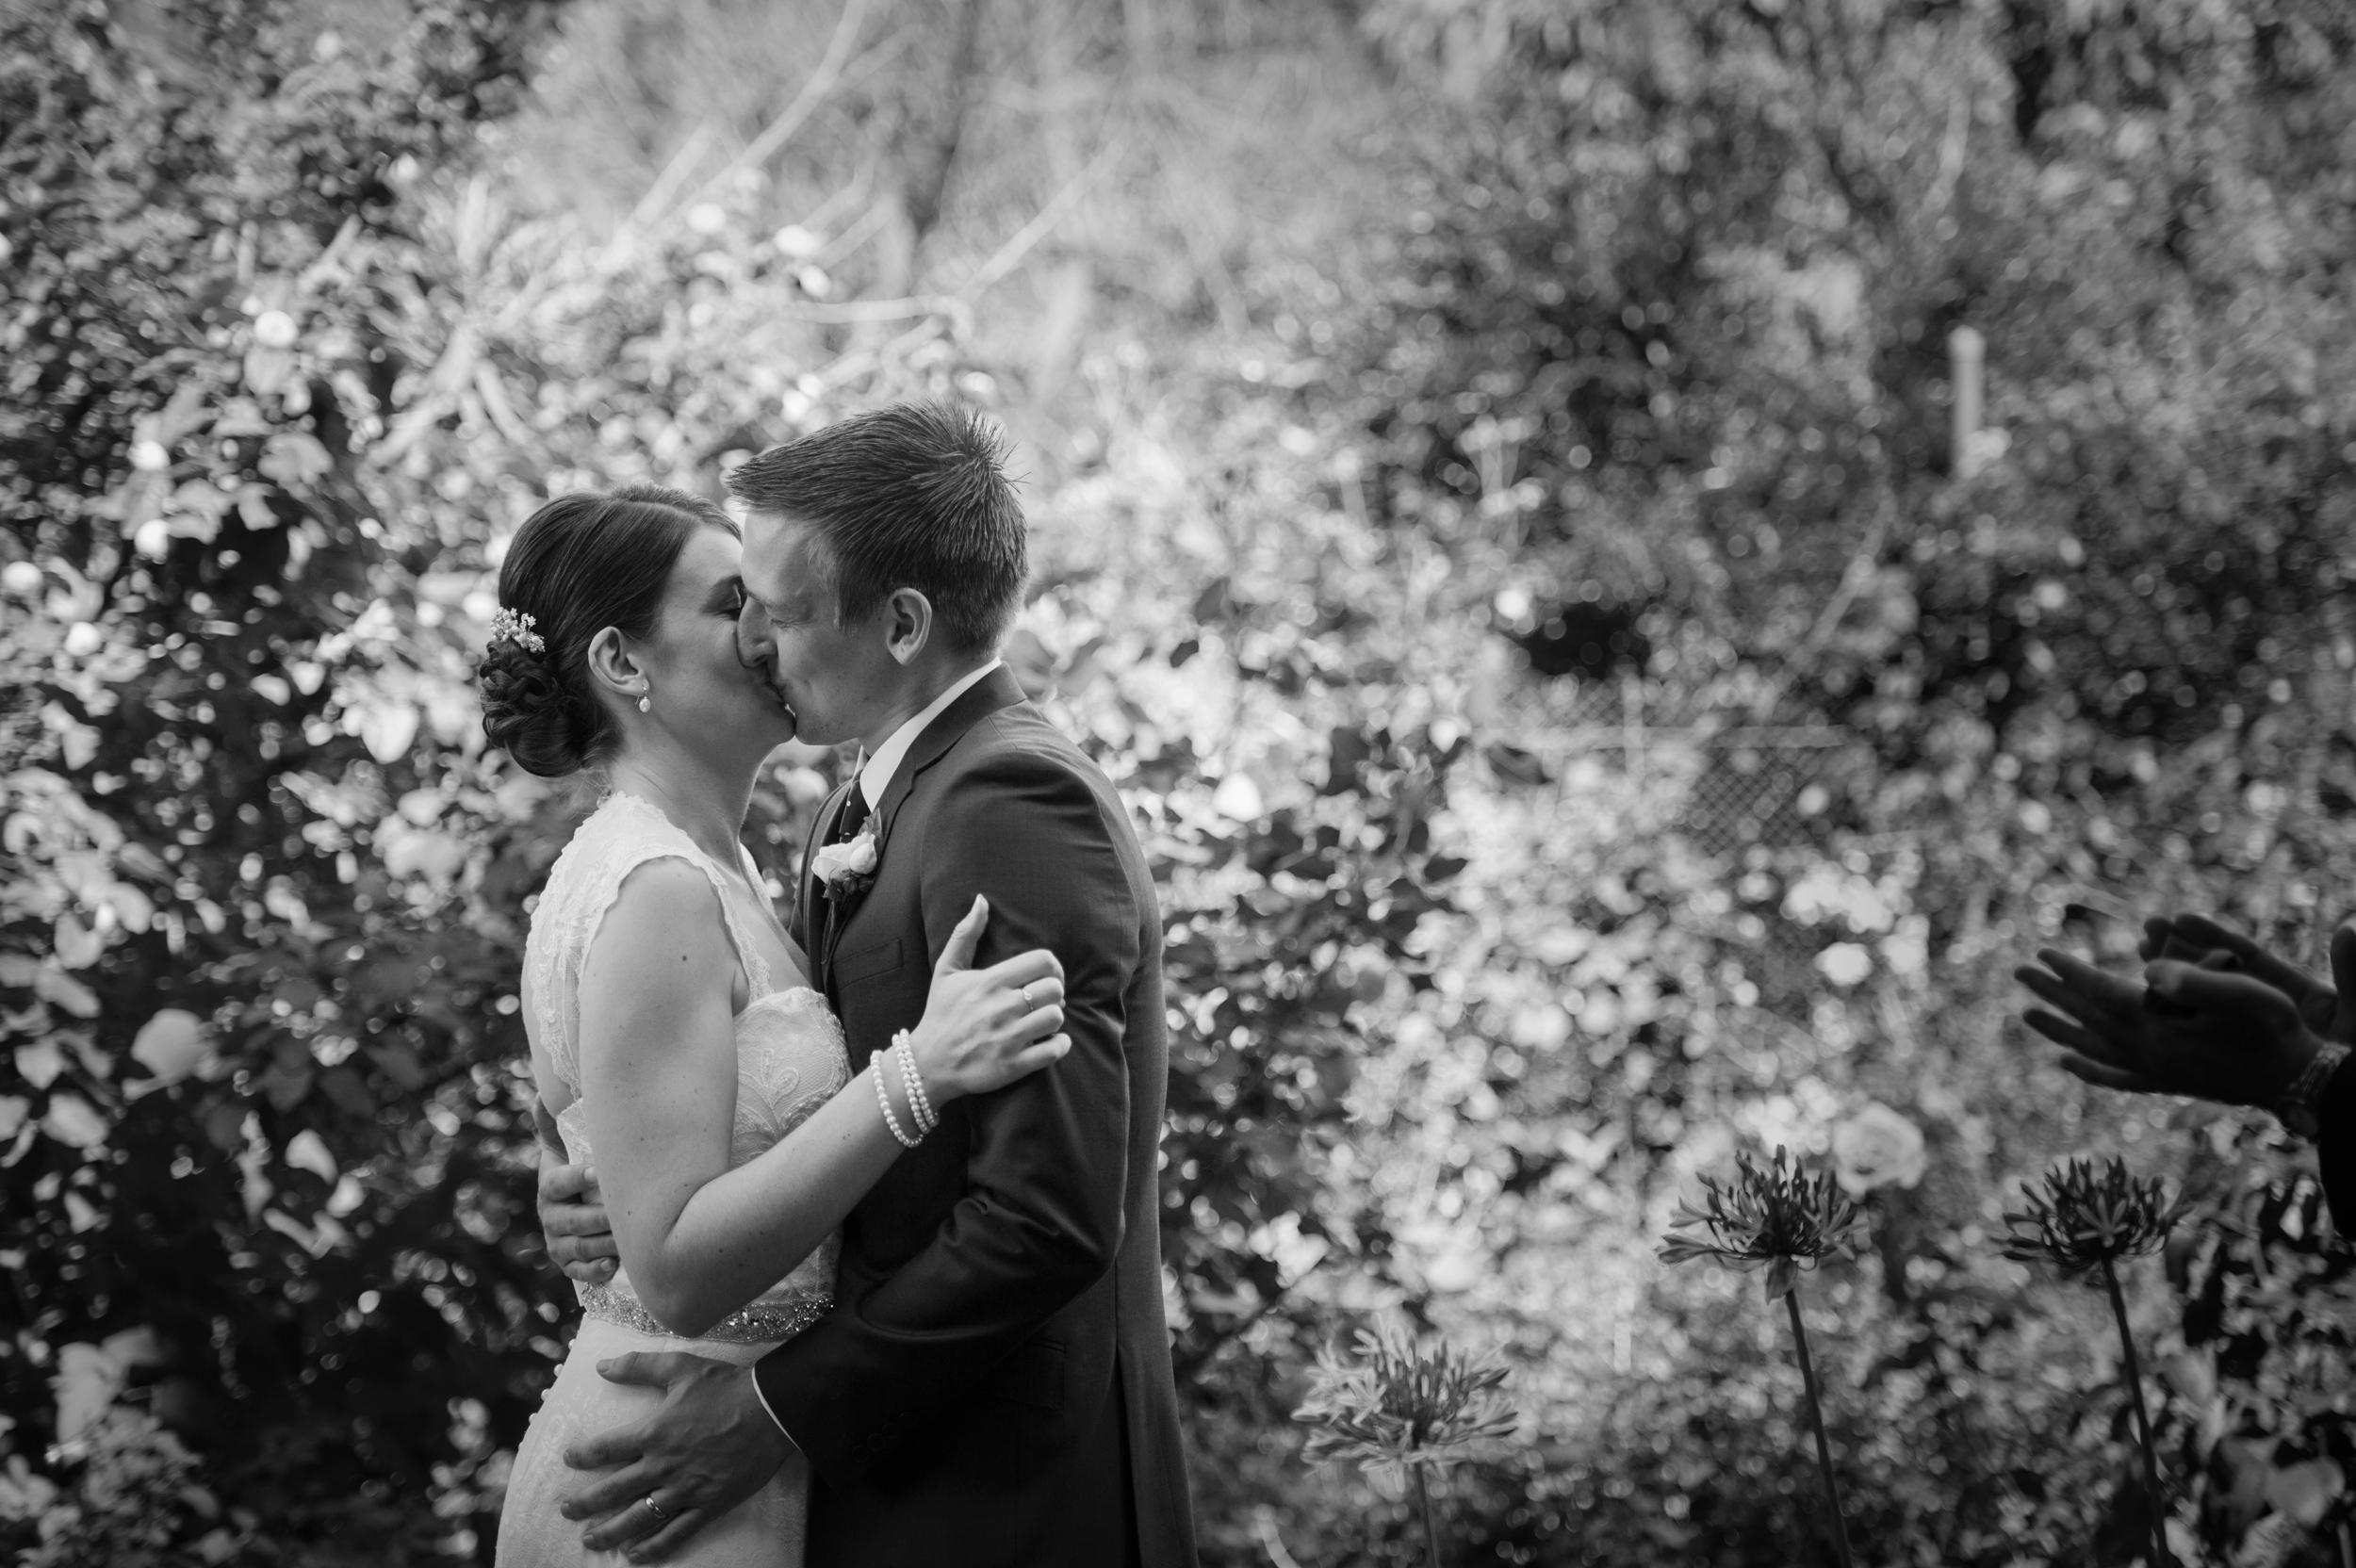 euroa_butter_factory_wedding_photography_19.jpg